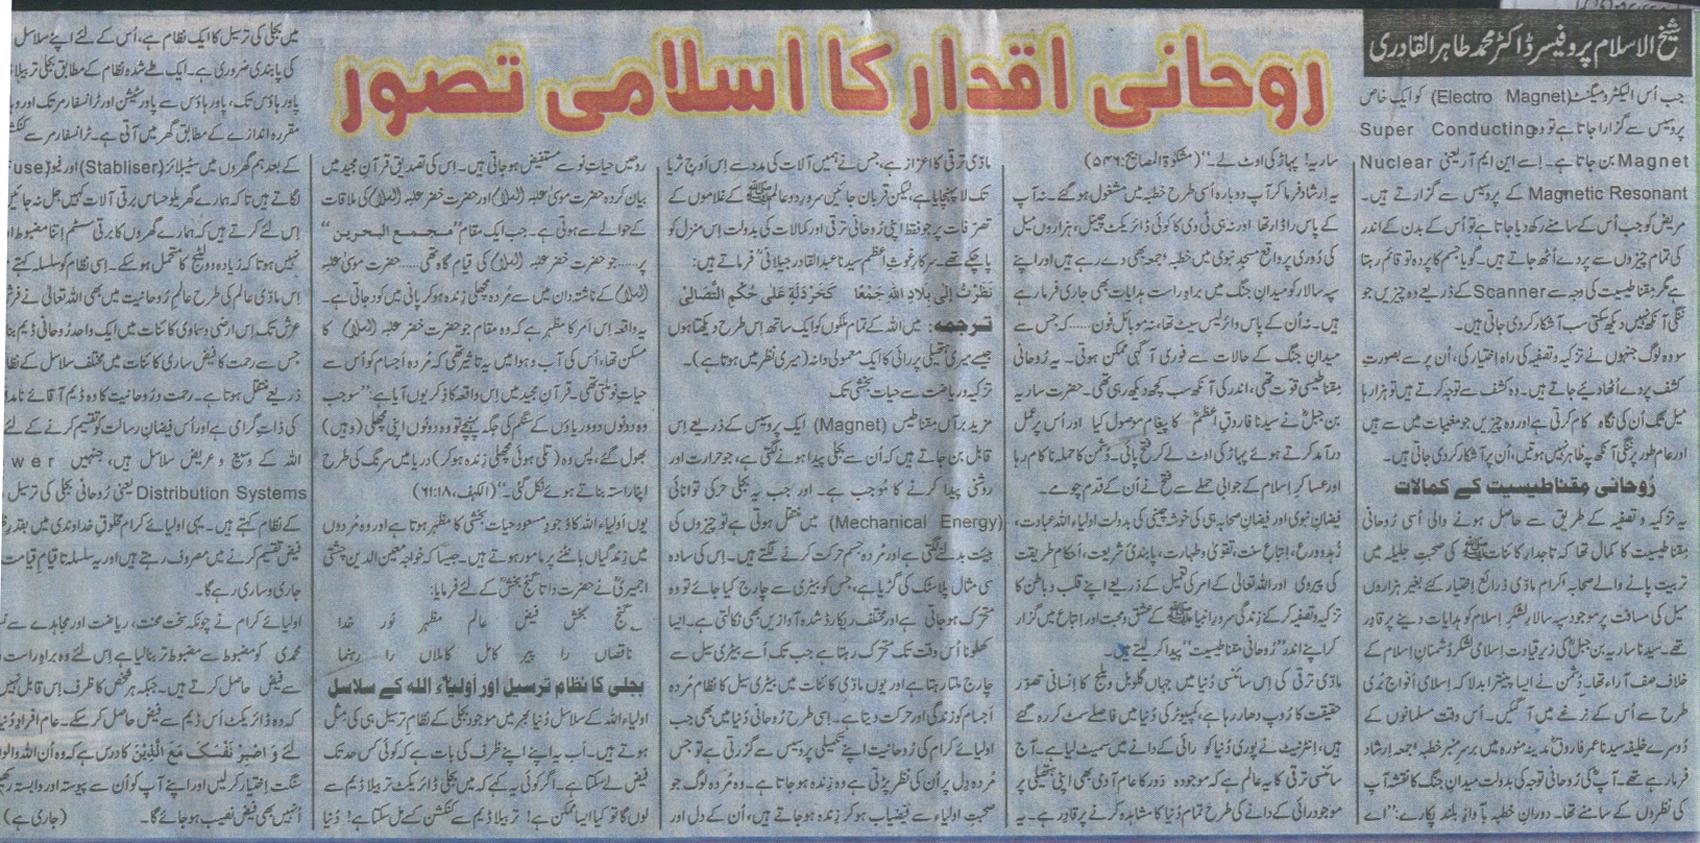 تحریک منہاج القرآن Minhaj-ul-Quran  Print Media Coverage پرنٹ میڈیا کوریج Daily Eeman page-2